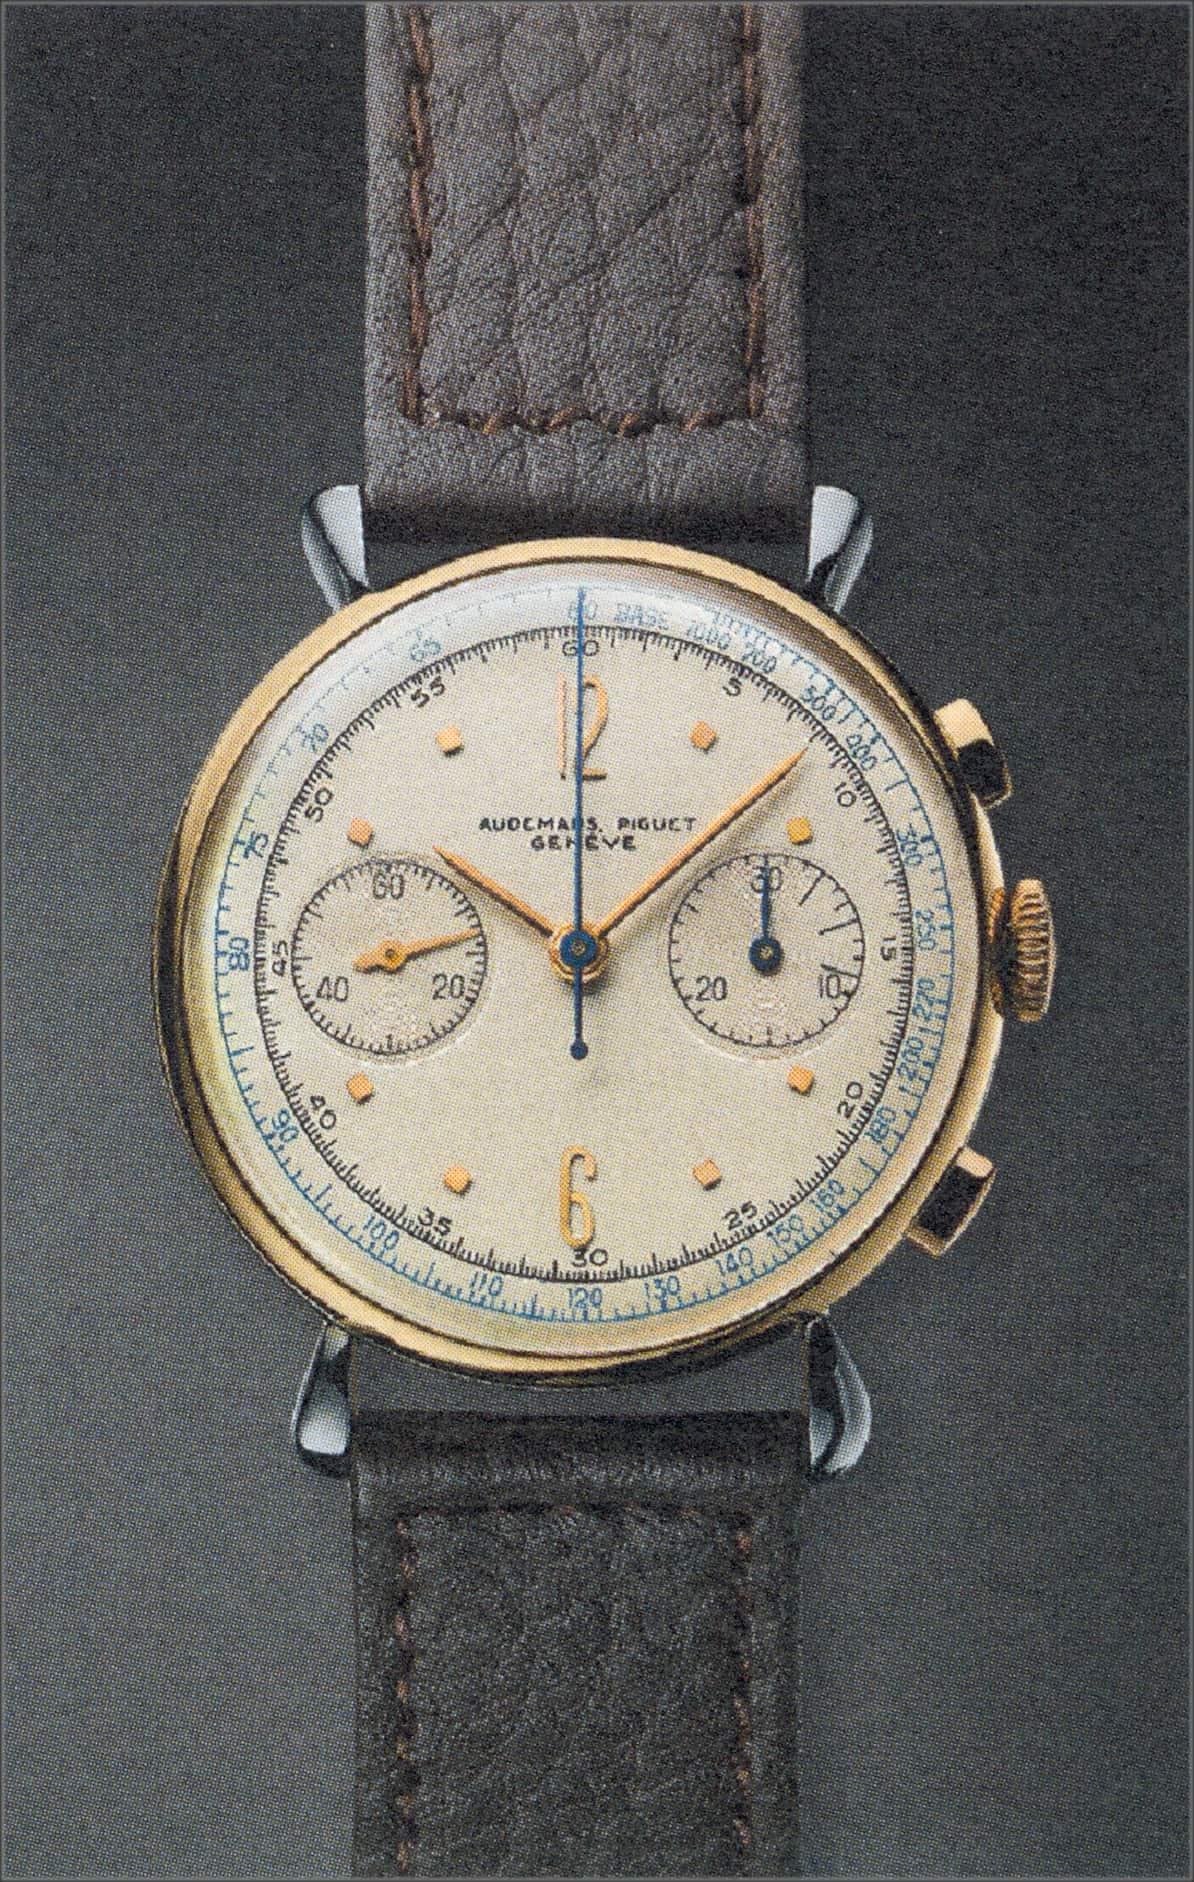 Vom Audemars Piguet Handaufzugschronograph, Forme 10198, Foto 1532, sind nur neun Exemplare bekannt